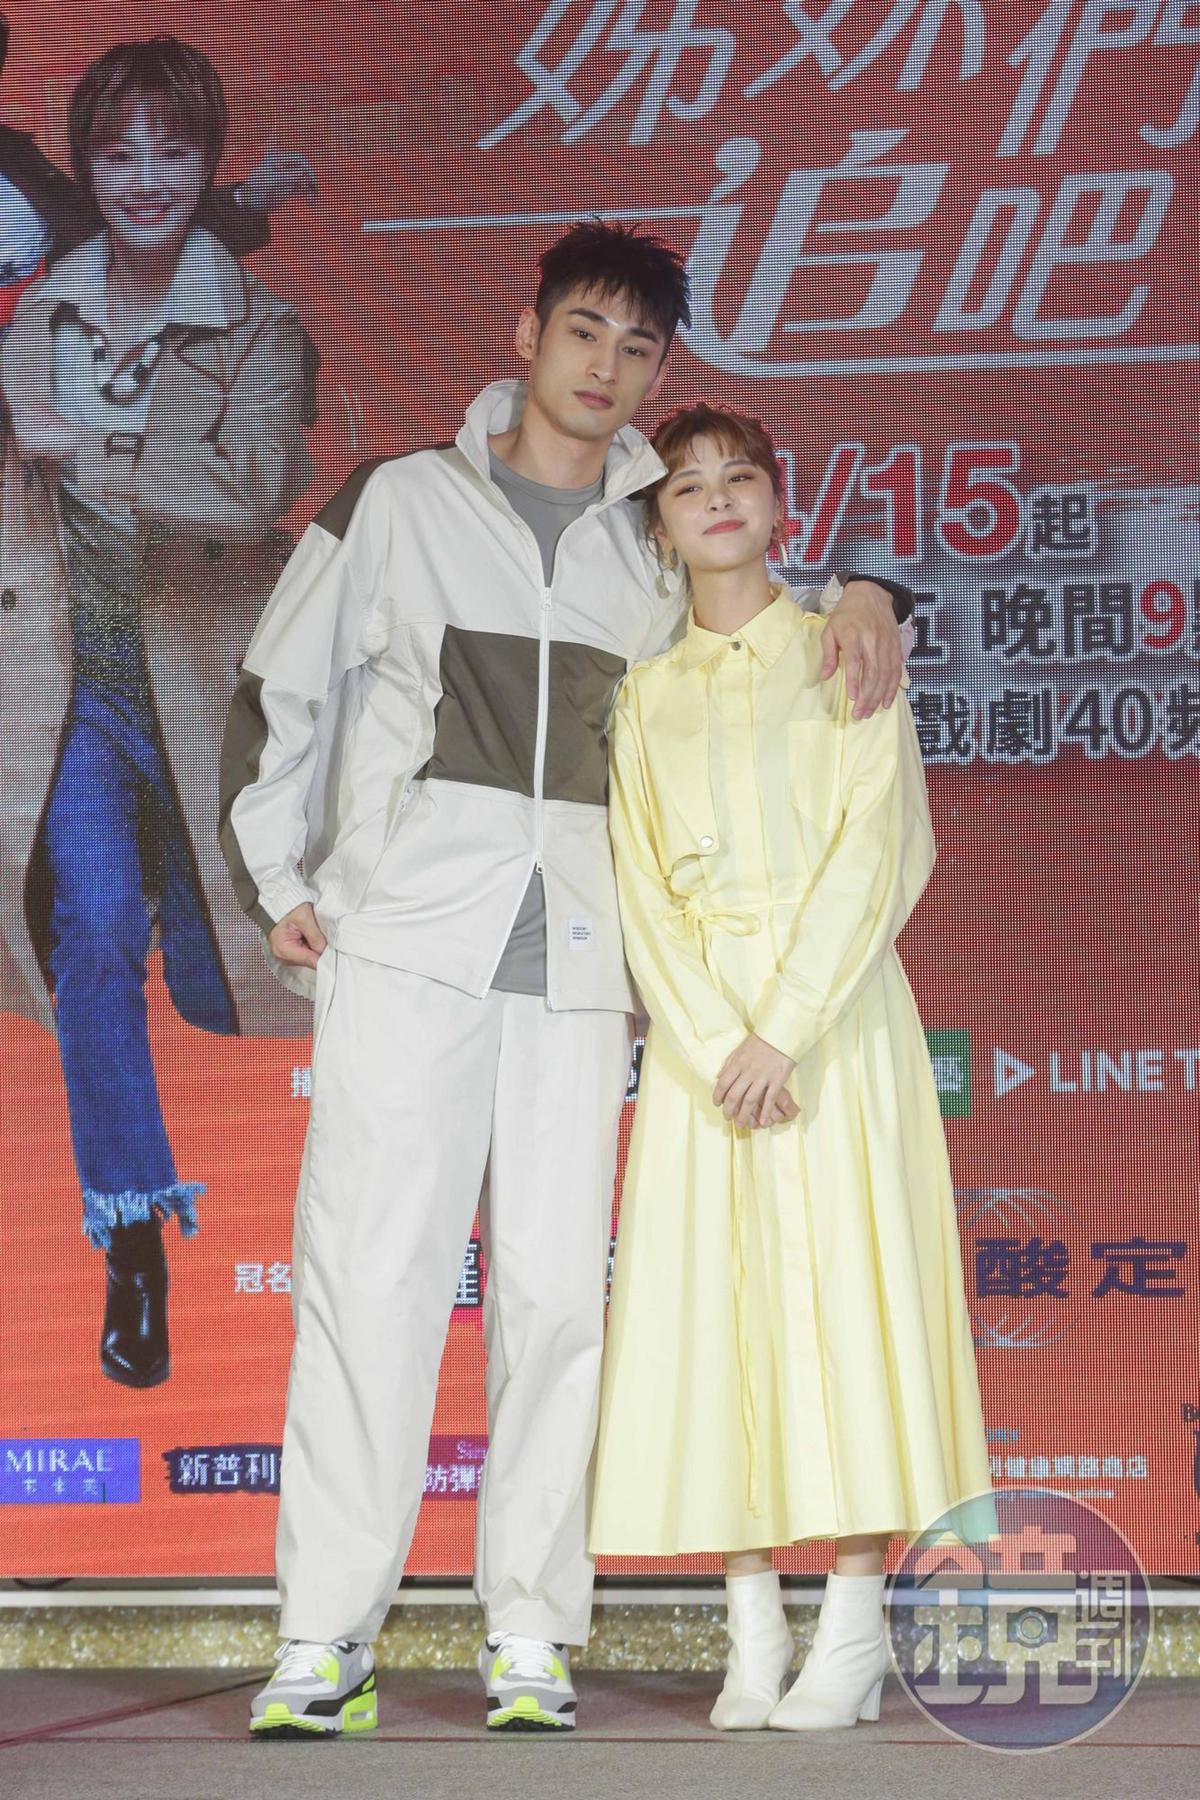 劉宇珊劇中和章廣辰配成cp,戲外有新發展的對象。